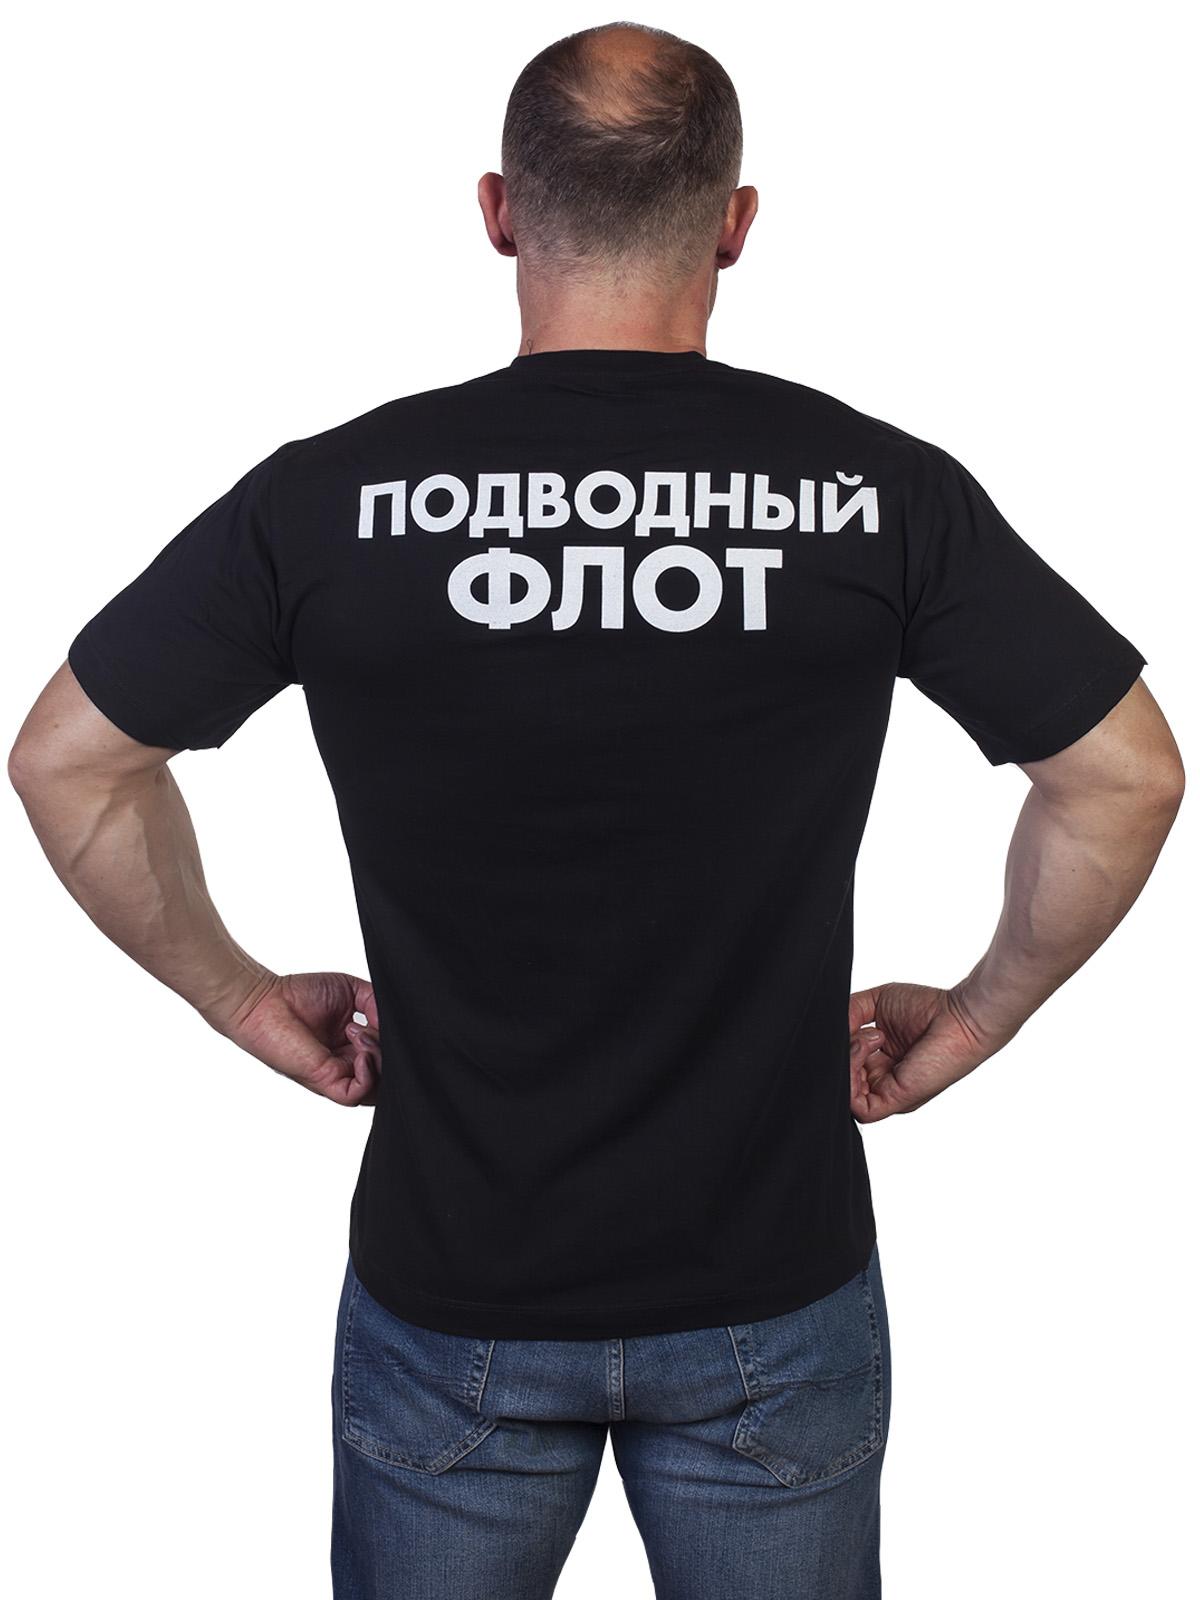 Футболка Подводный Флот России - заказать в подарок